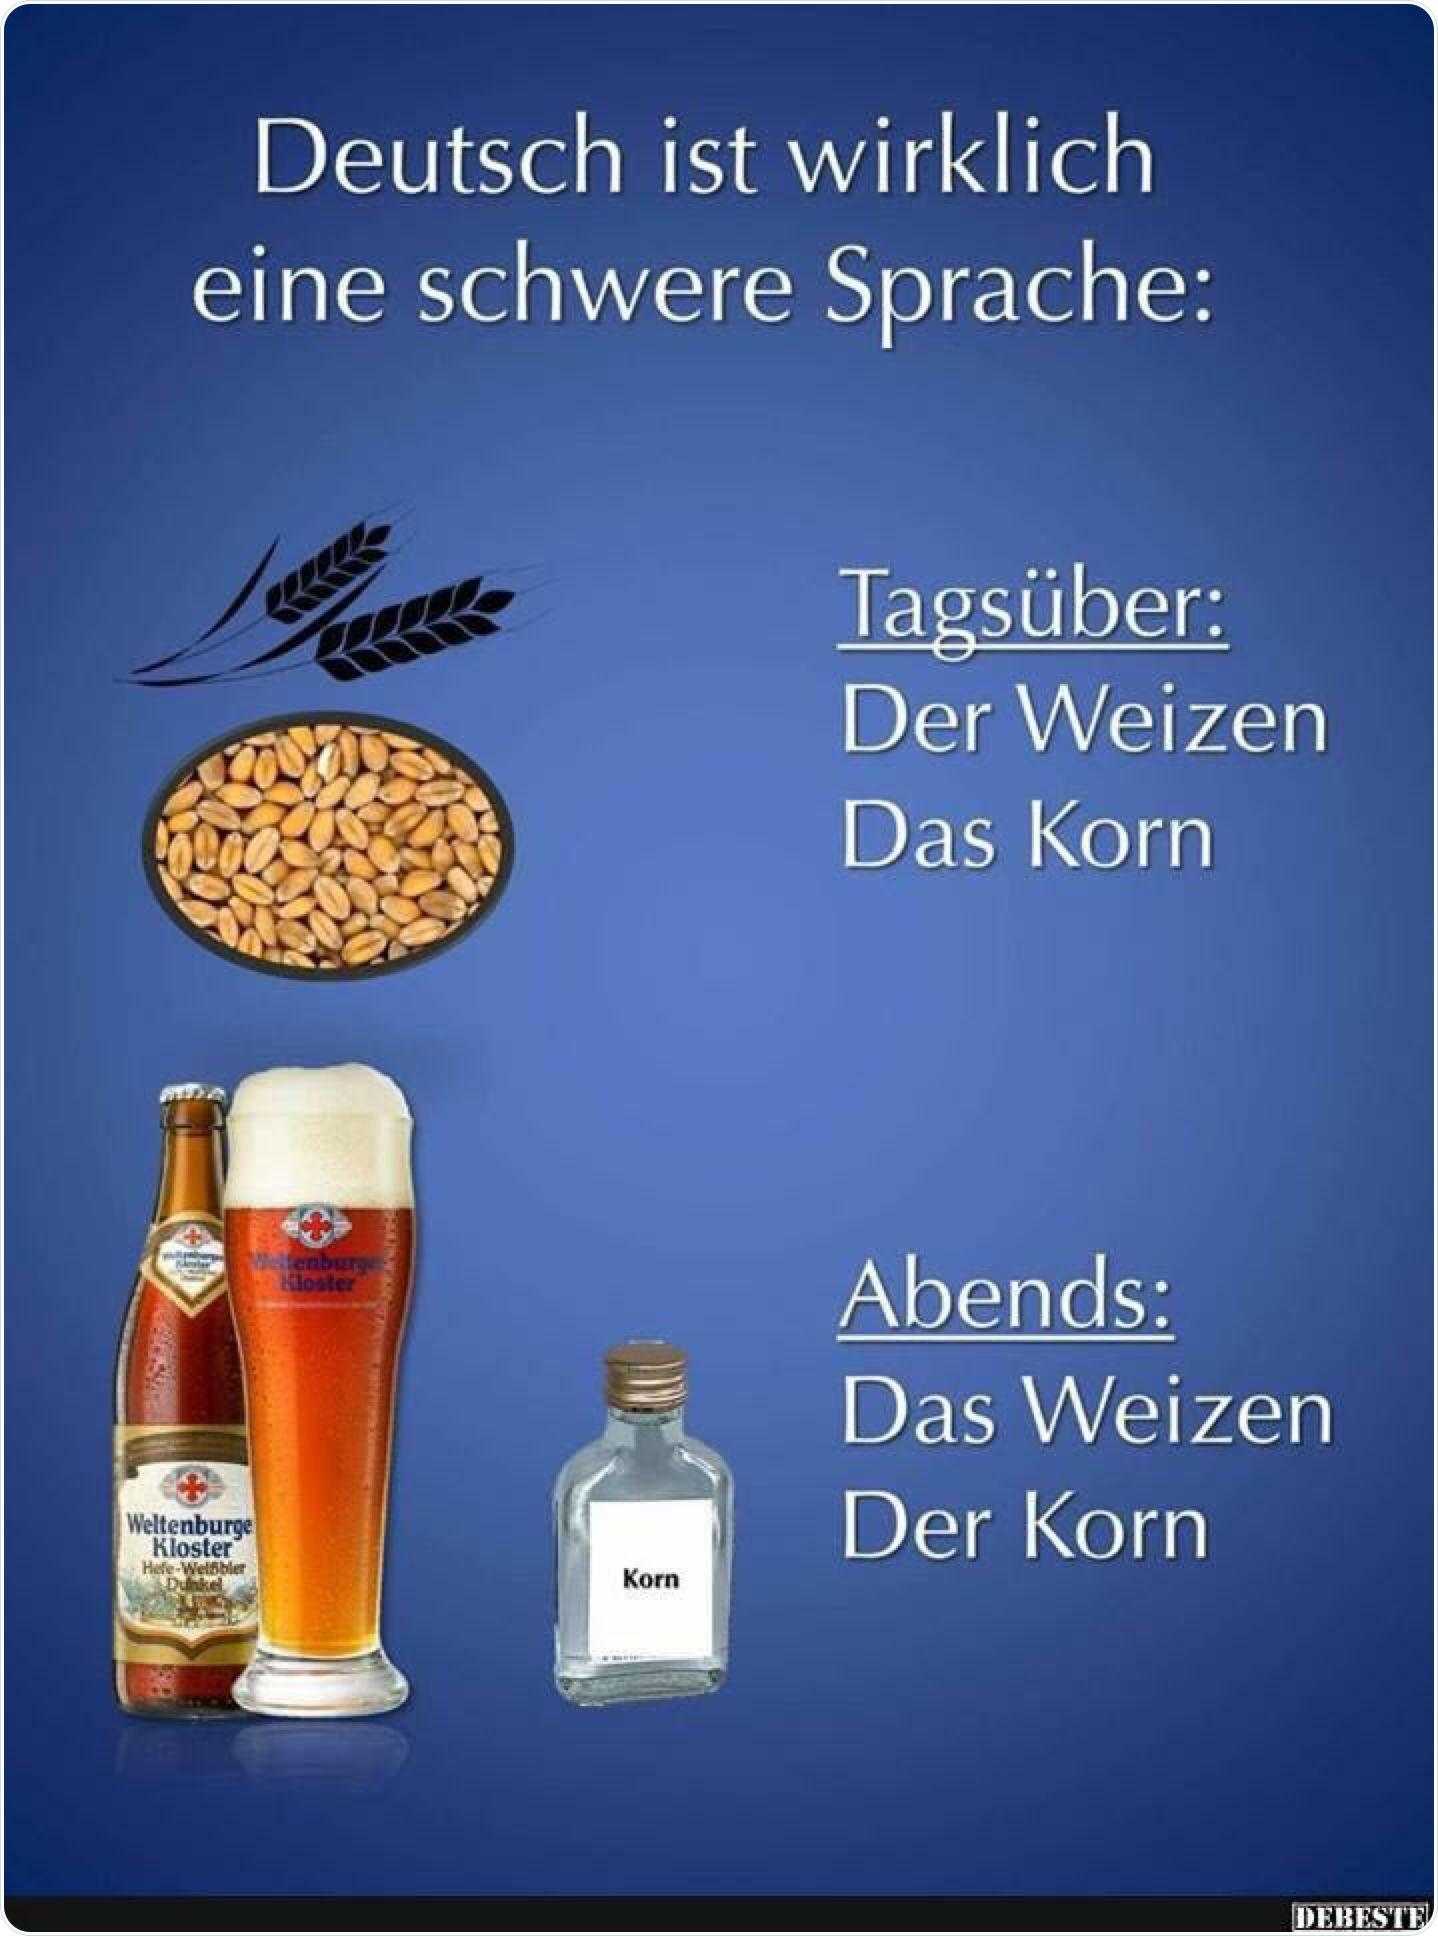 Deutsch ist wirklich eine schwere Sprache | Witzige bilder